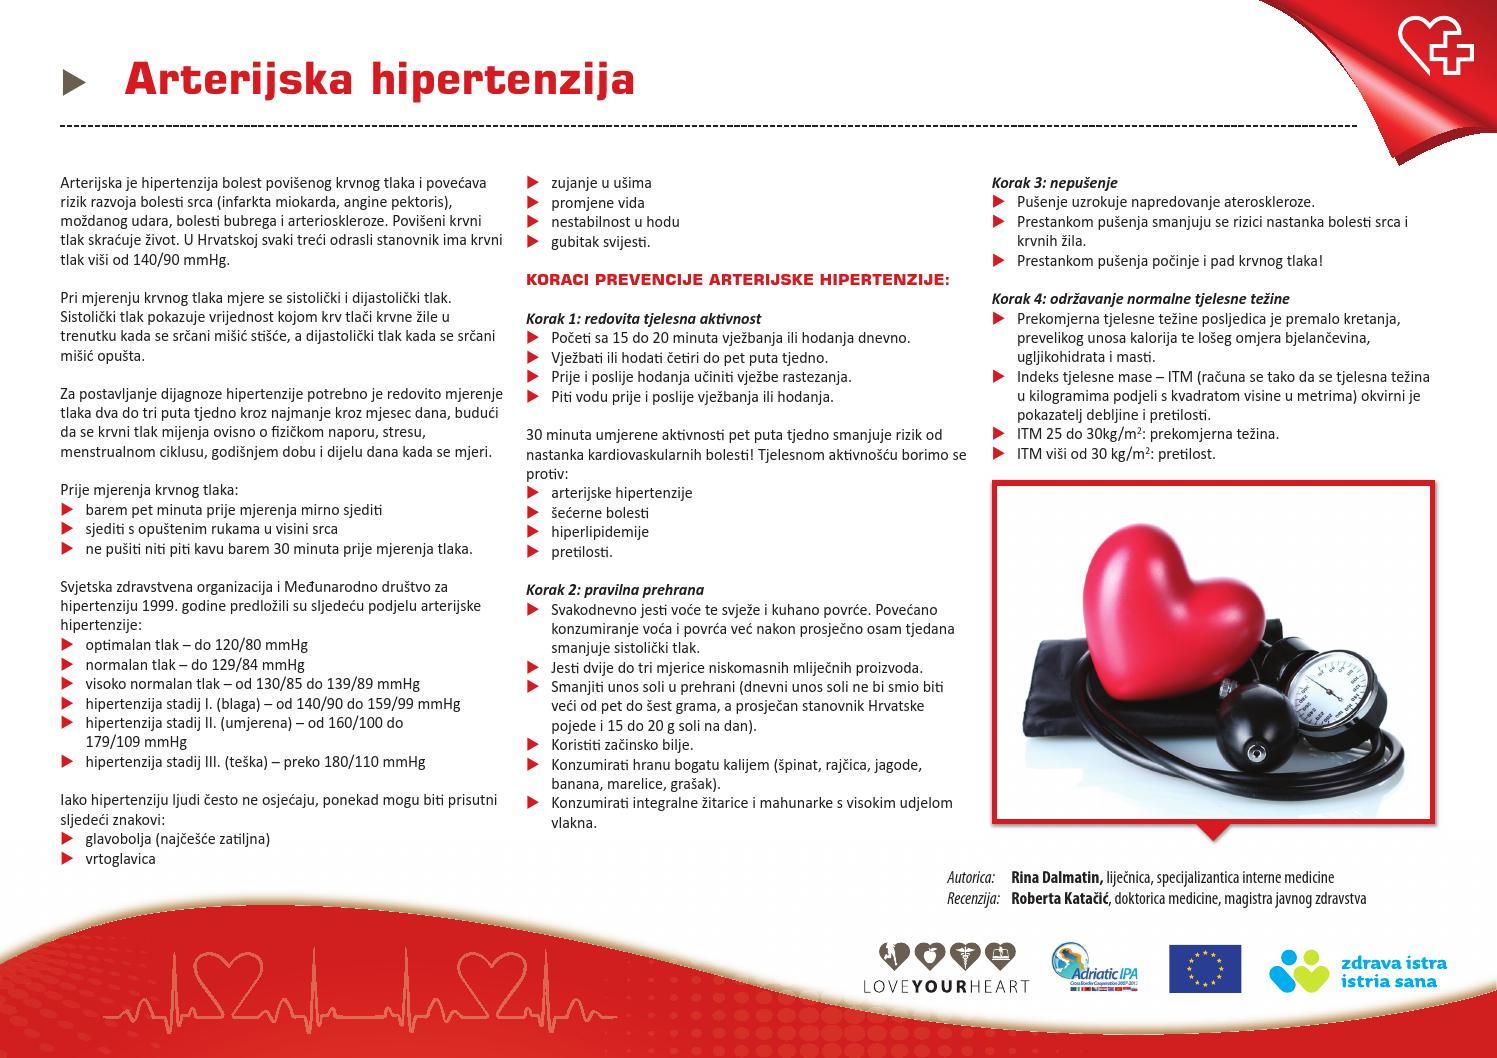 Hipertenzija 3 rizik 4 što to znači